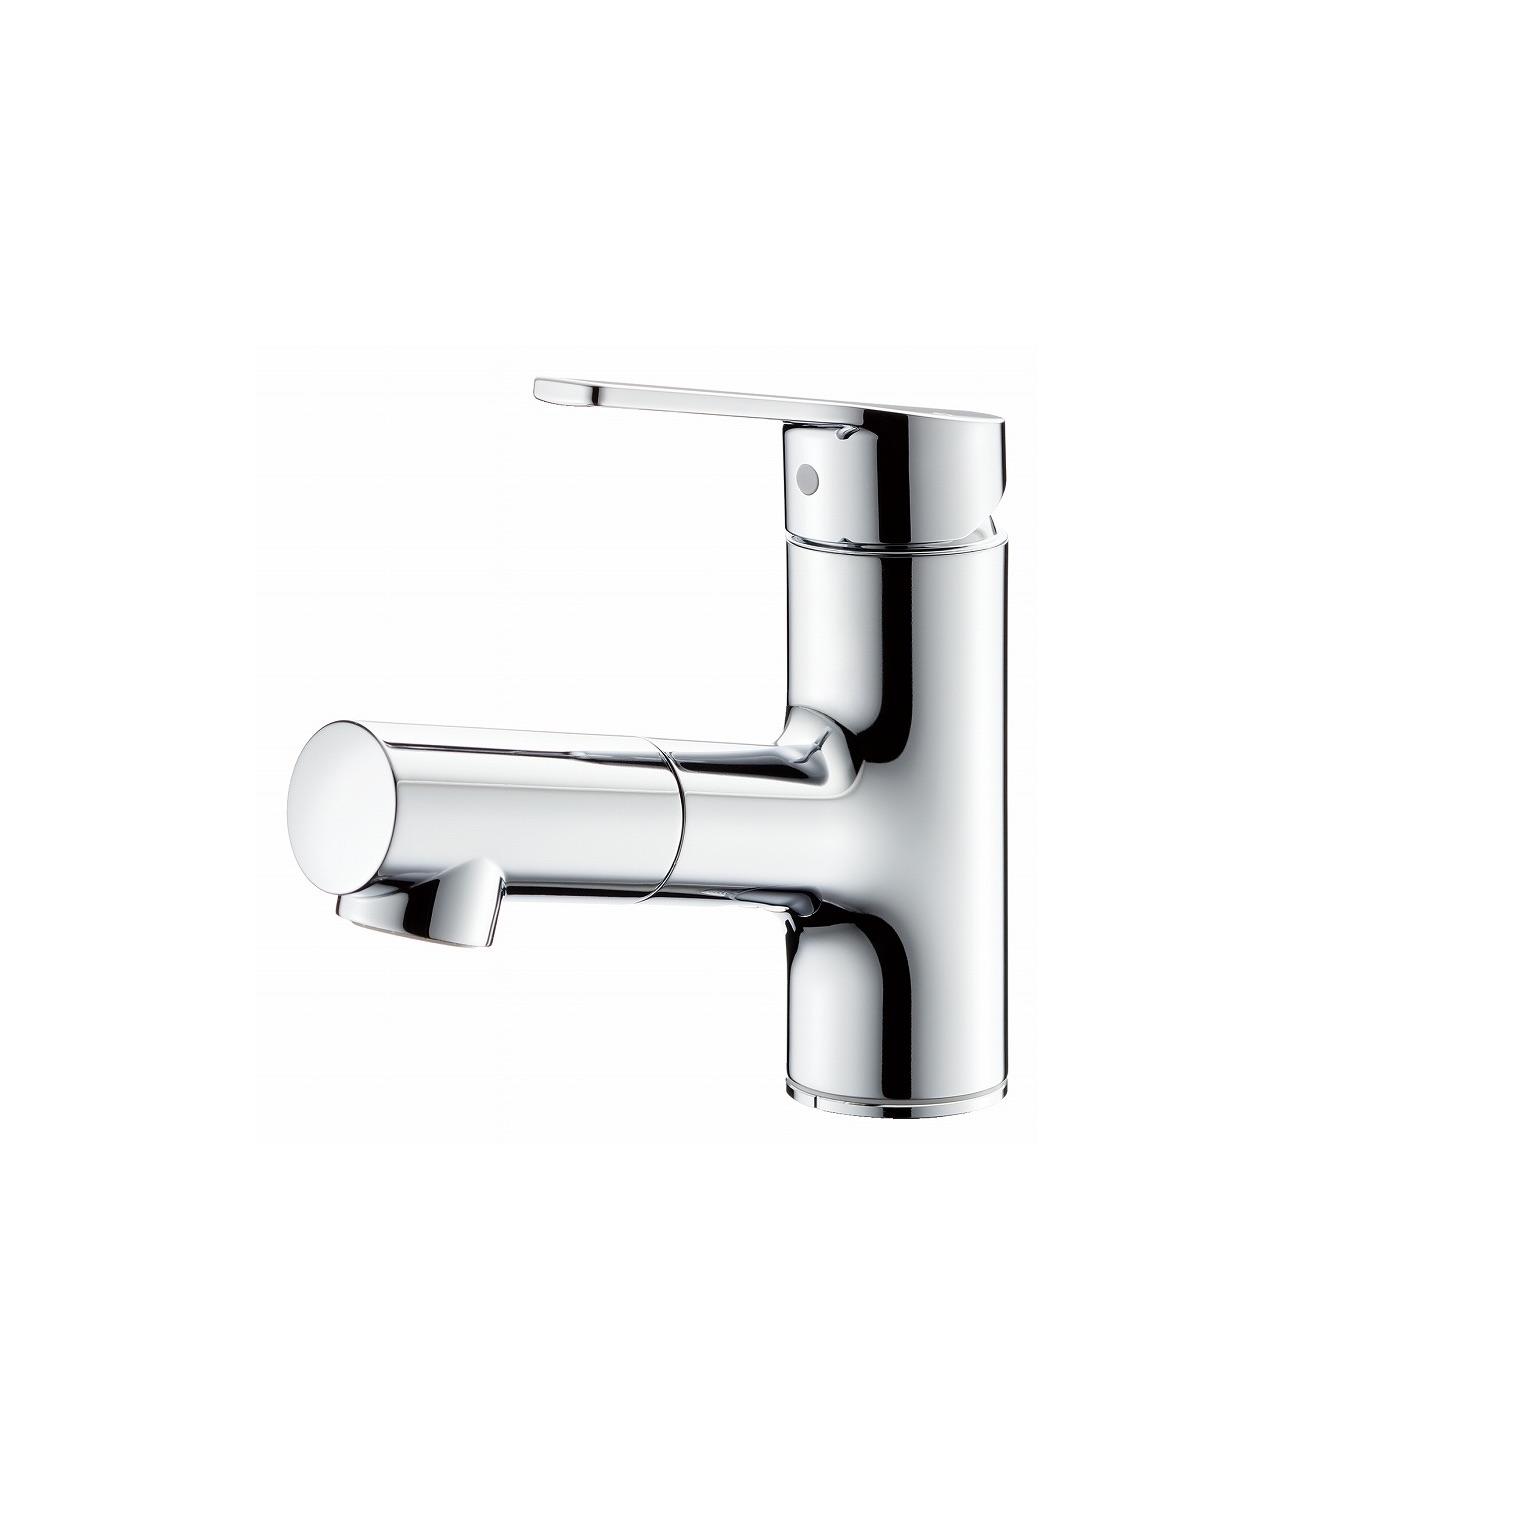 タカギ、洗浄力3.5倍の洗面用水栓を発売